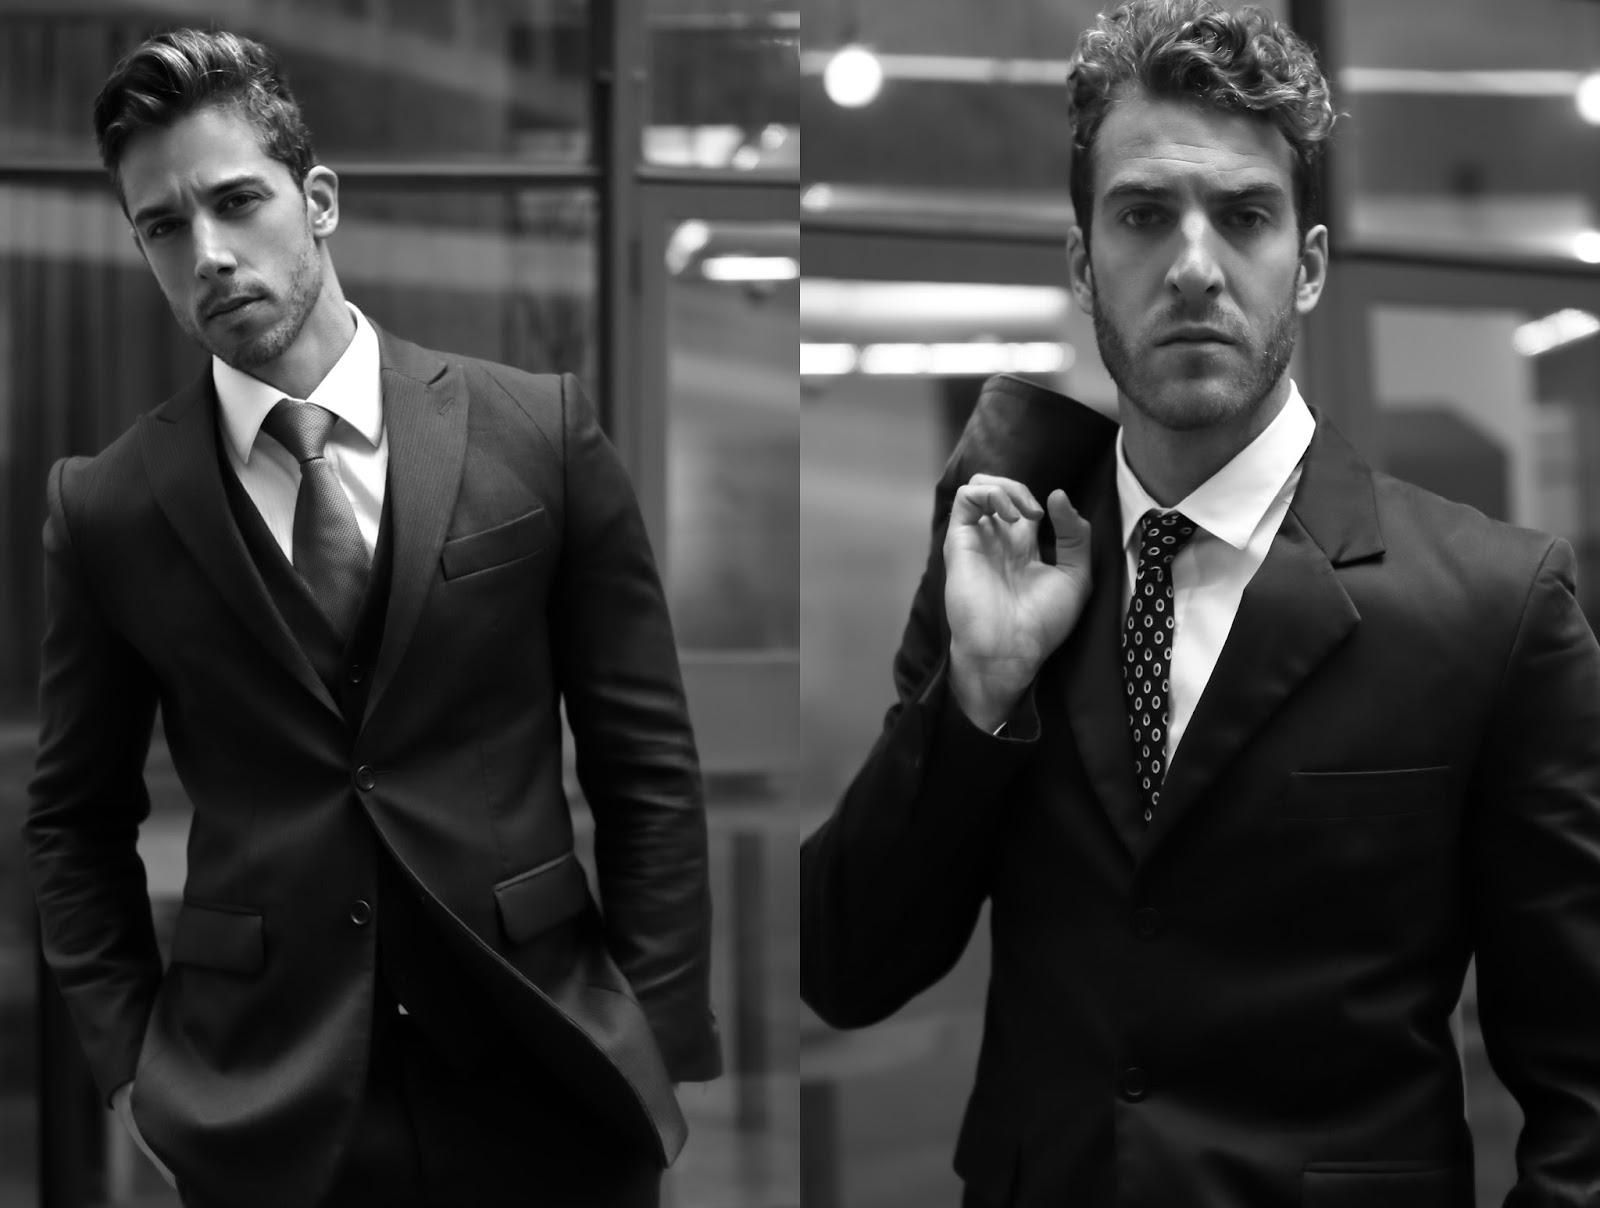 Rodrigo Zanon and Thiago Perfetti by Antonio Bezerra for Brazilian Male Model